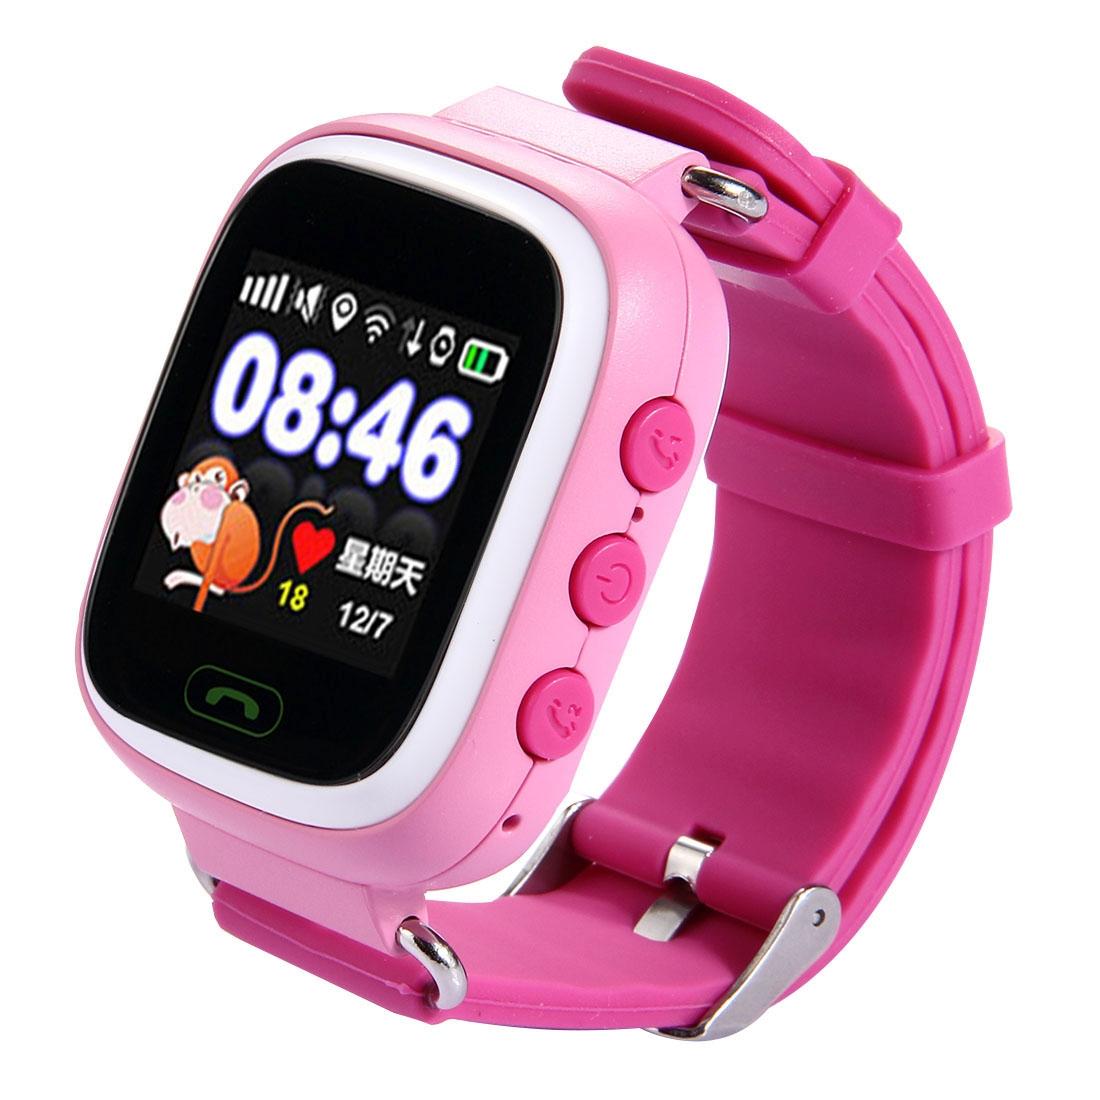 Wonlex Wonlex GW900 Dětské GPS hodinky růžové